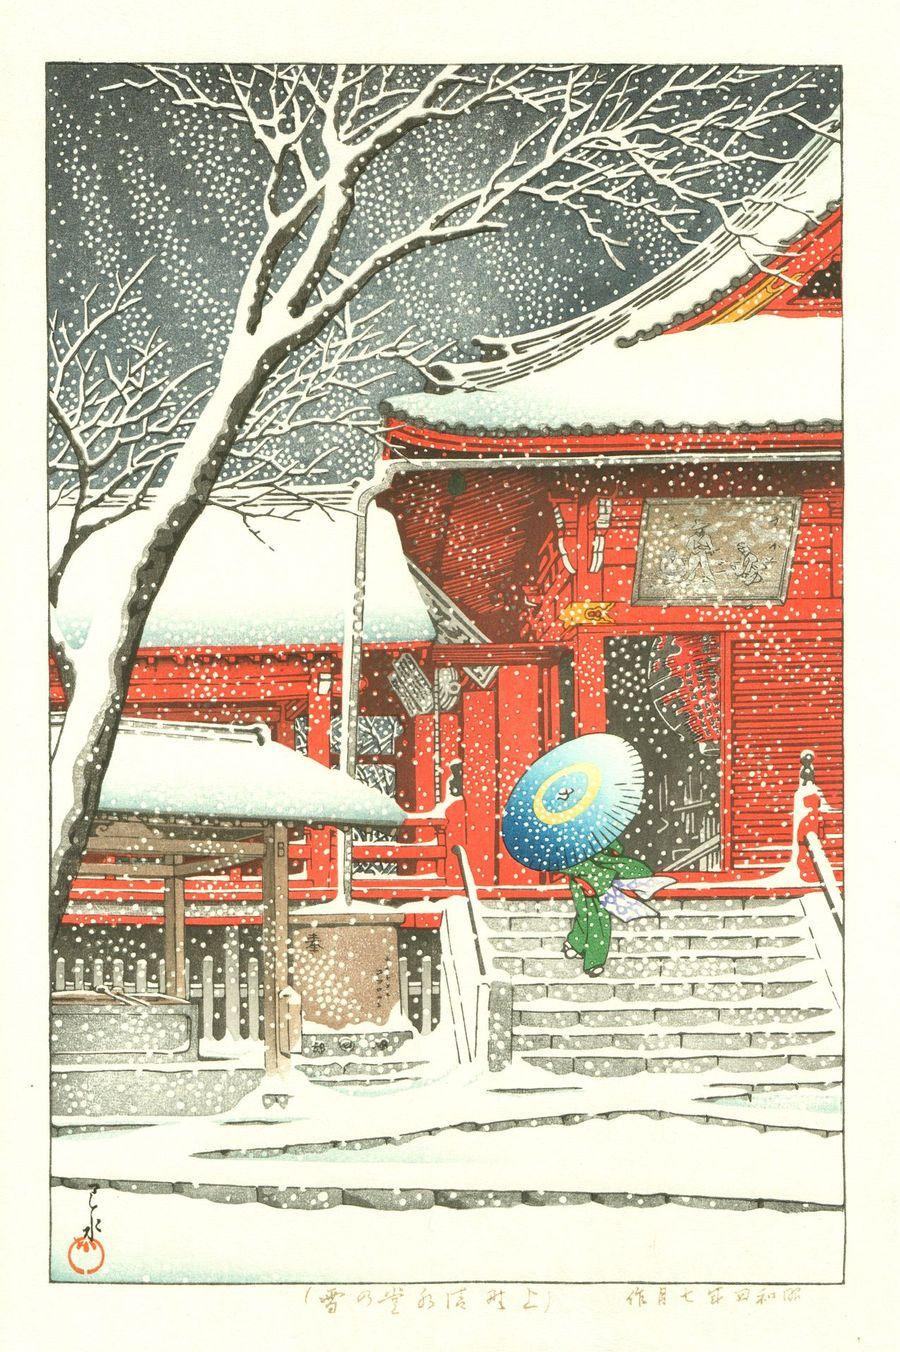 Hasui Kawase 929 - Neige a Ueno Kiyomizudo - Editeur Sakai et Kawaguchi puis Shobisha